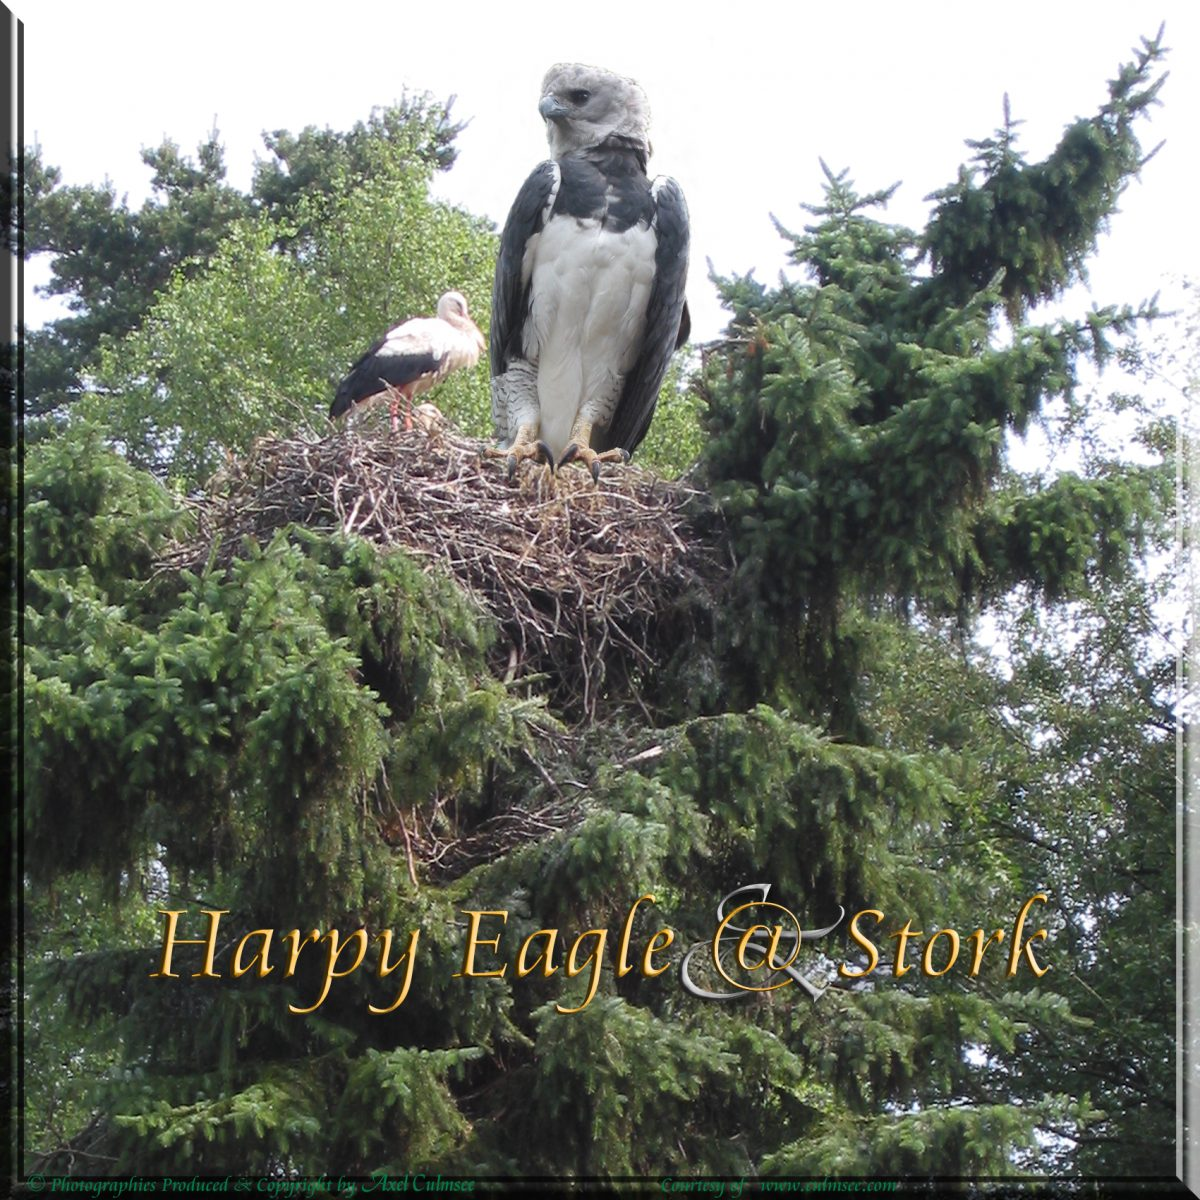 Harpy Eagle visits Stork